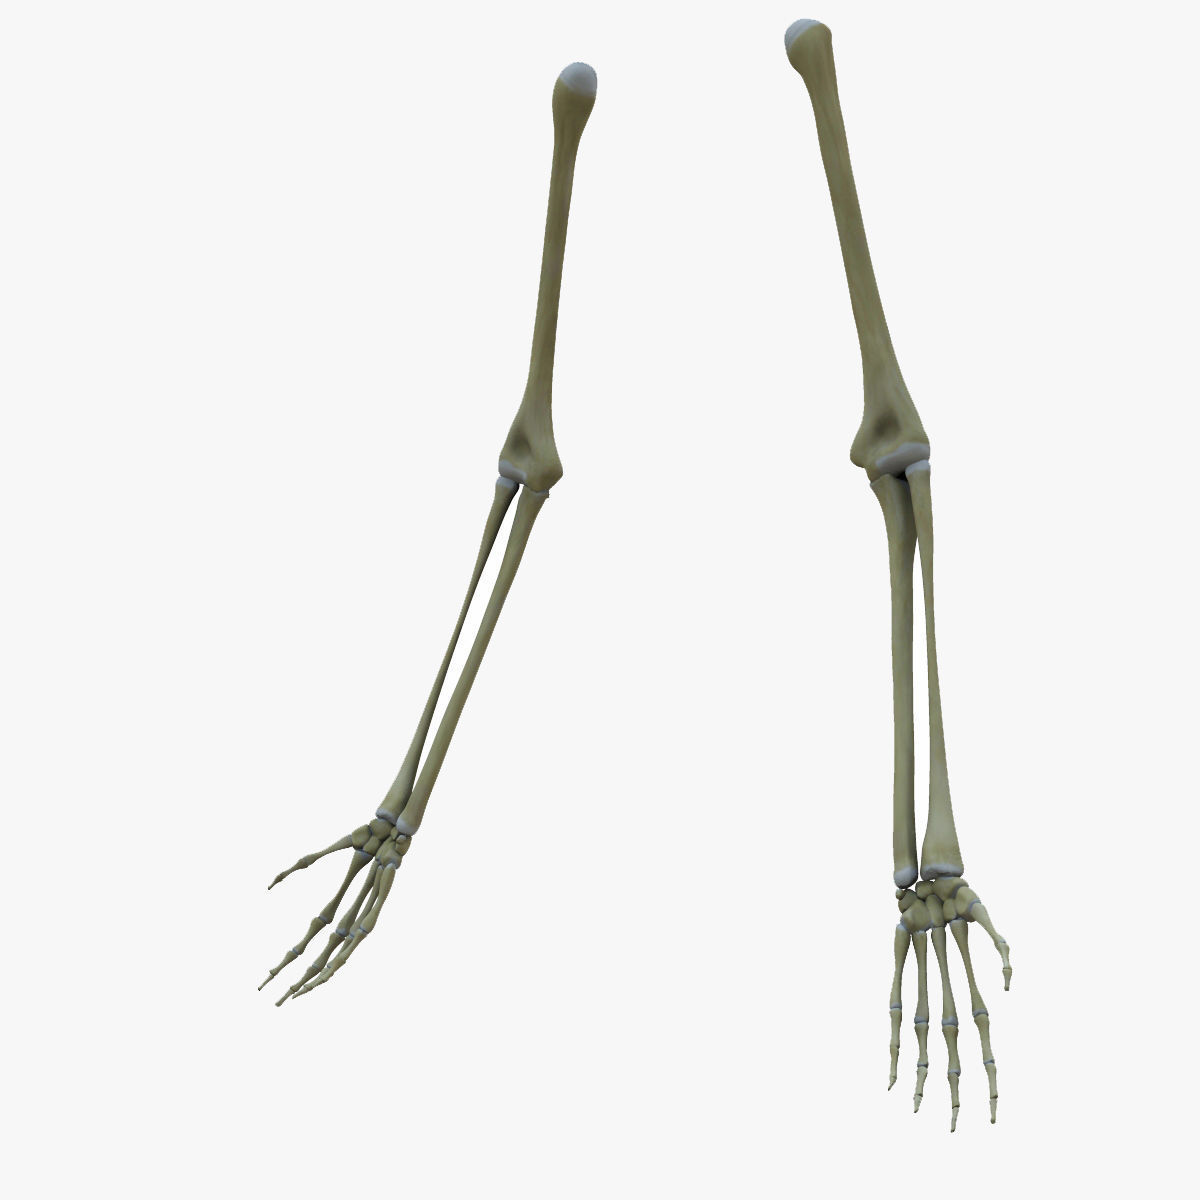 Human Arm Bones Skeleton